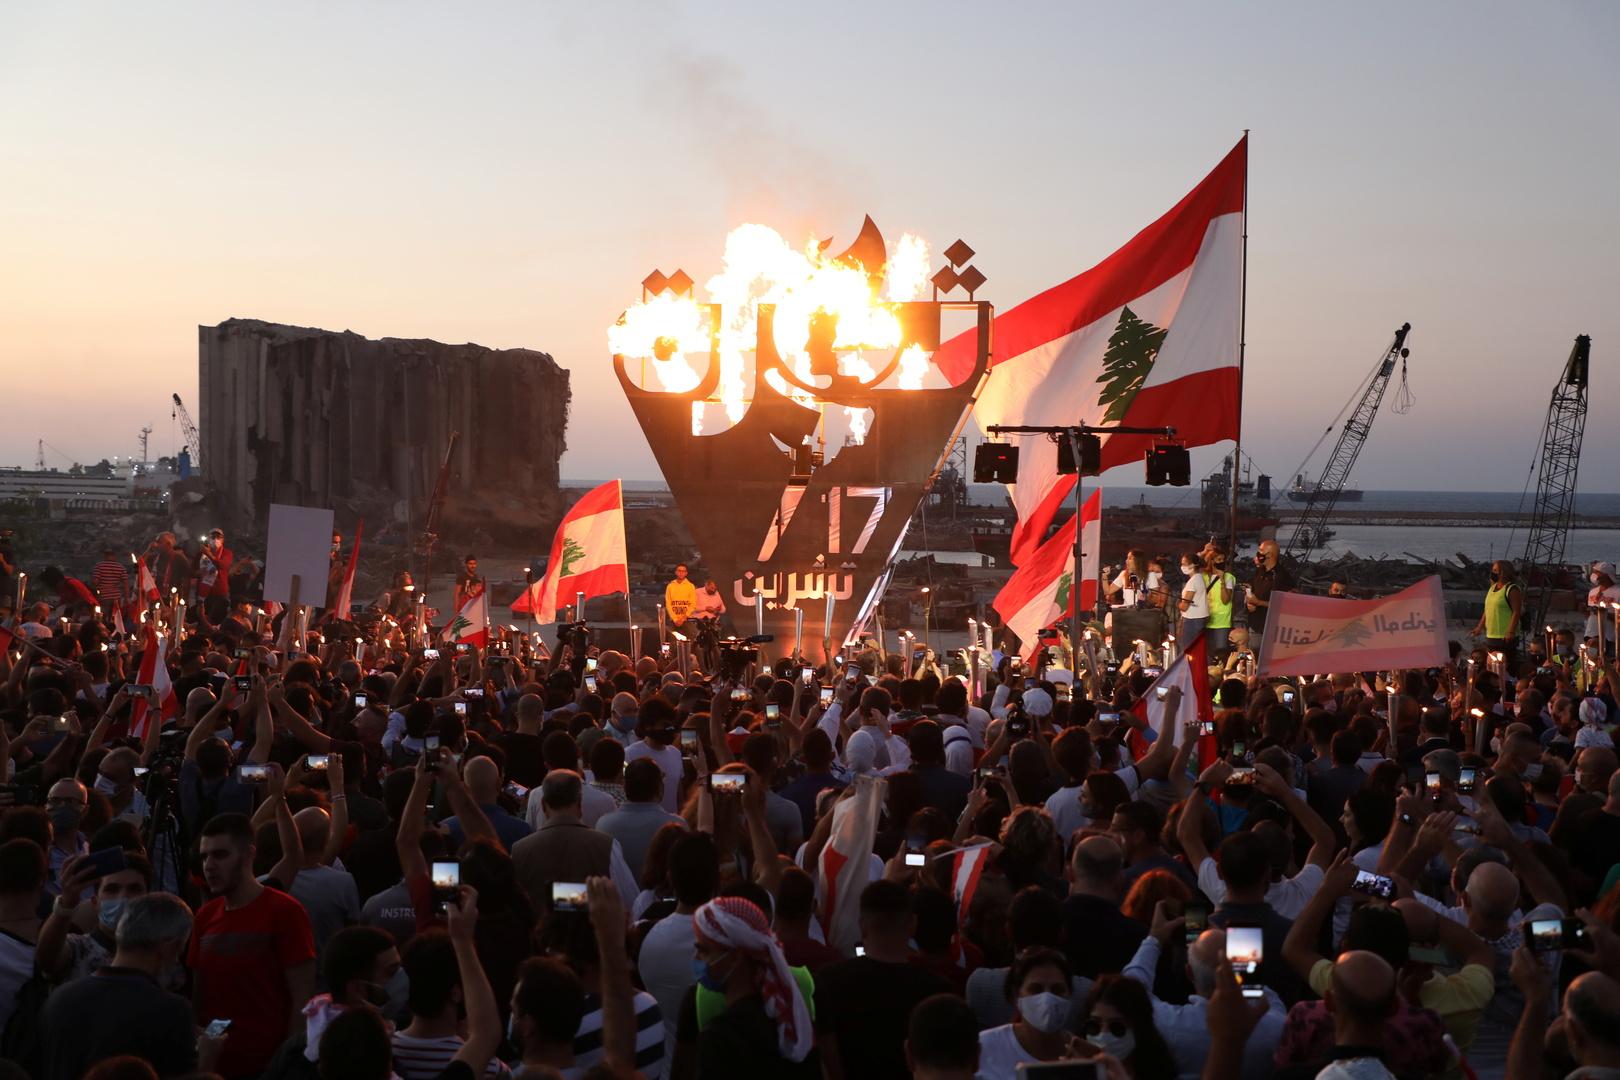 وسائل إعلام لبنانية: مواجهات بين المحتجين والقوى الأمنية في محيط بلدية بيروت